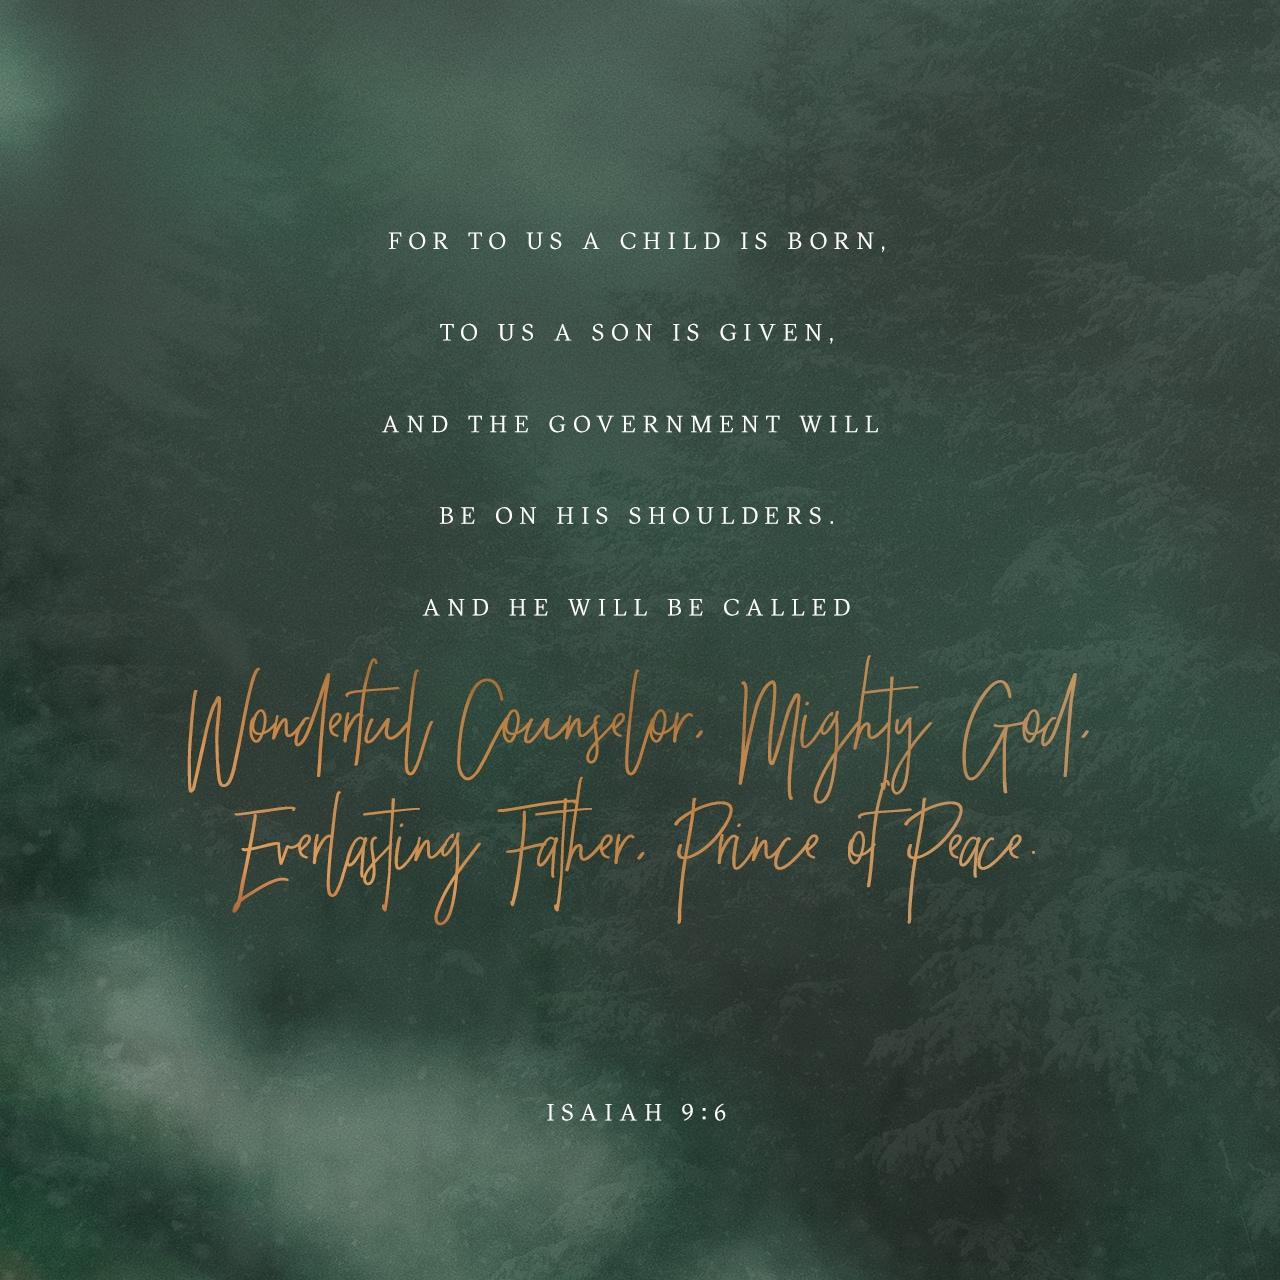 Isaiah 9:6 Verse Image